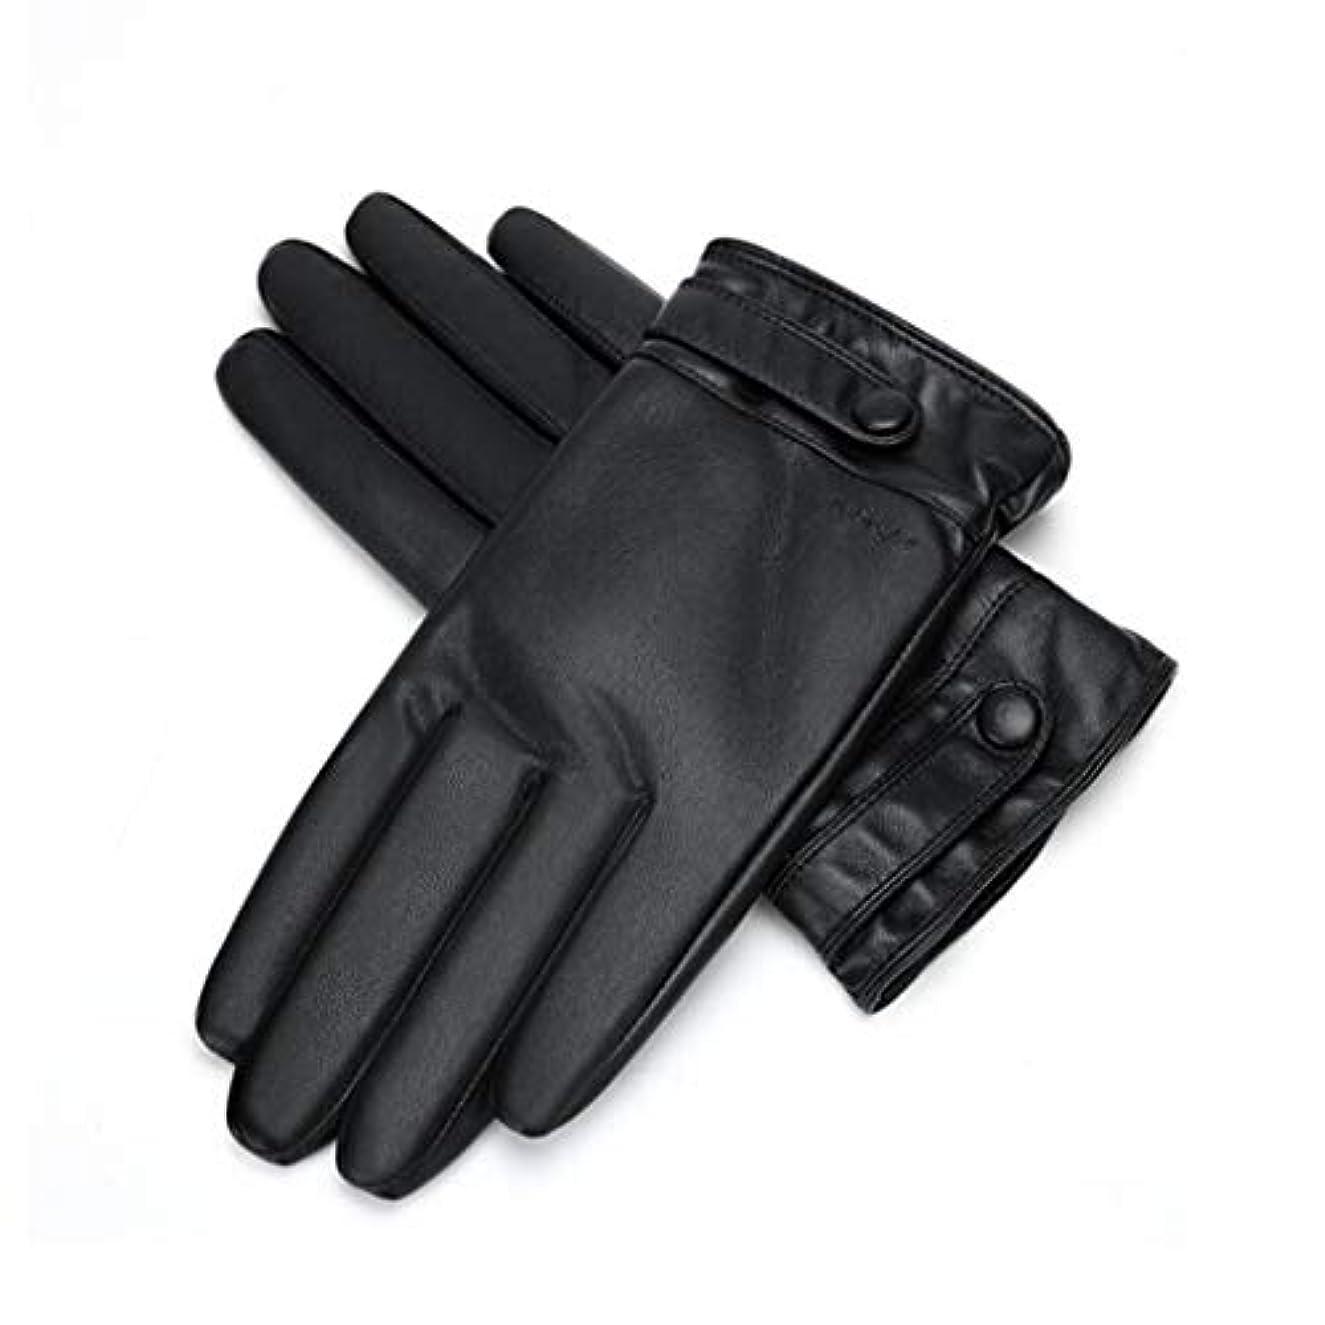 伝導率拍手離れた暖かい秋と冬を保つためにメンズ革手袋のタッチスクリーンメンズ自転車厚いぬいぐるみ手袋 (サイズ さいず : L21*8.9cm)